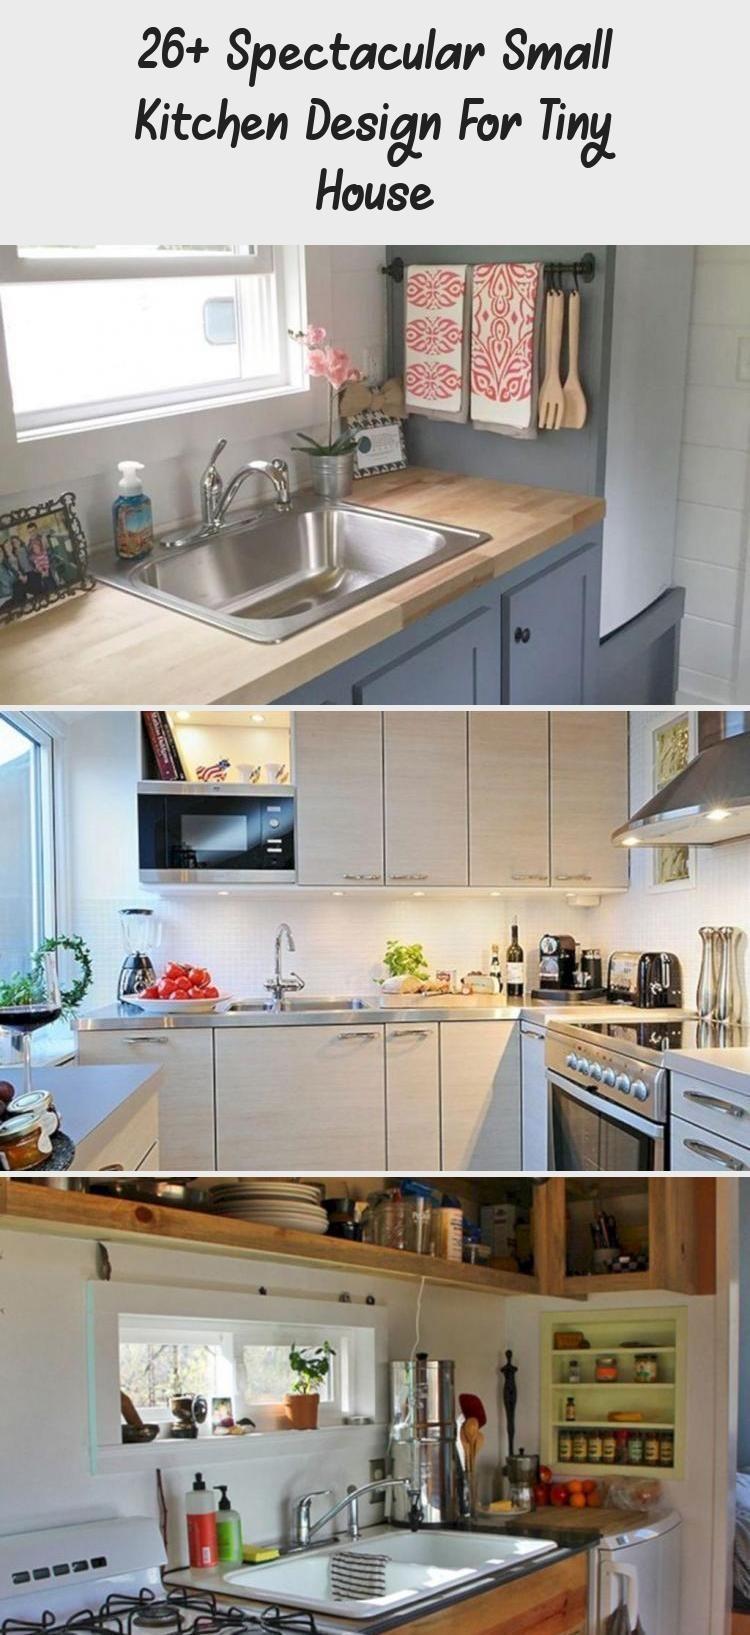 9+ Spektakuläres Design für kleine Küchen für kleine Häuser ...